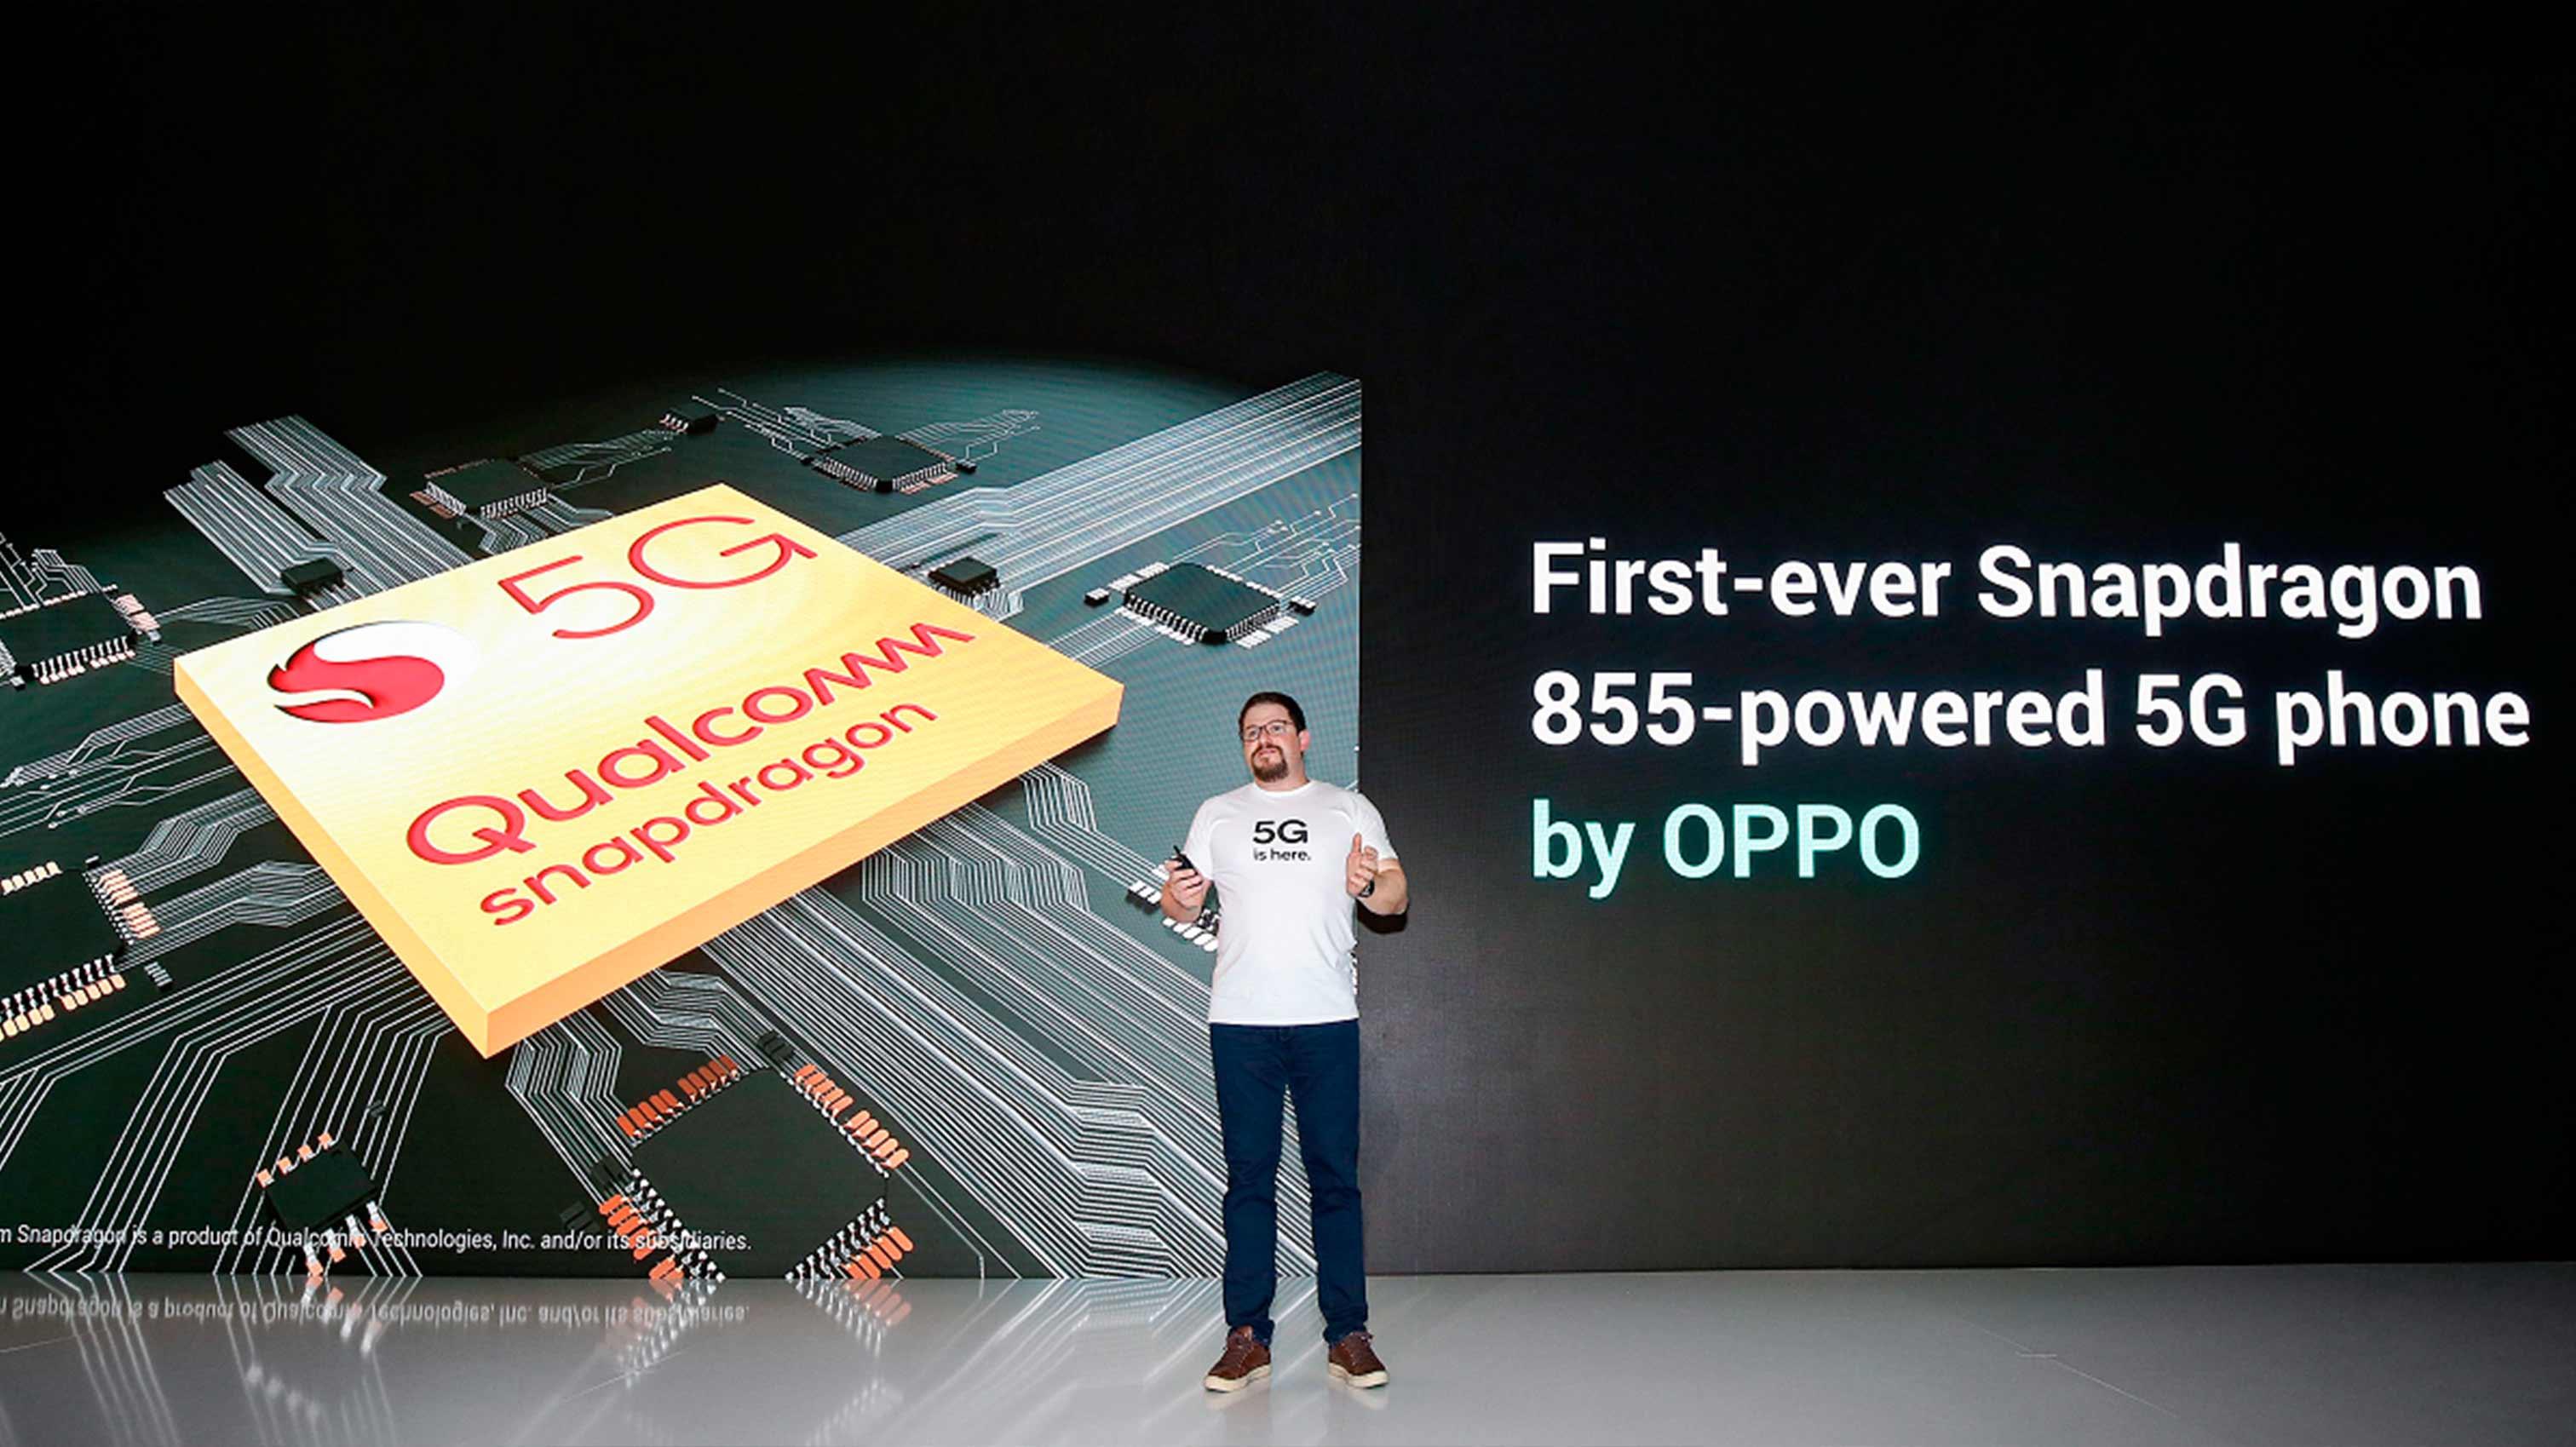 OPPO - первая компания с процессором Snapdragon 855 для первого смартфона с поддержкой 5G.